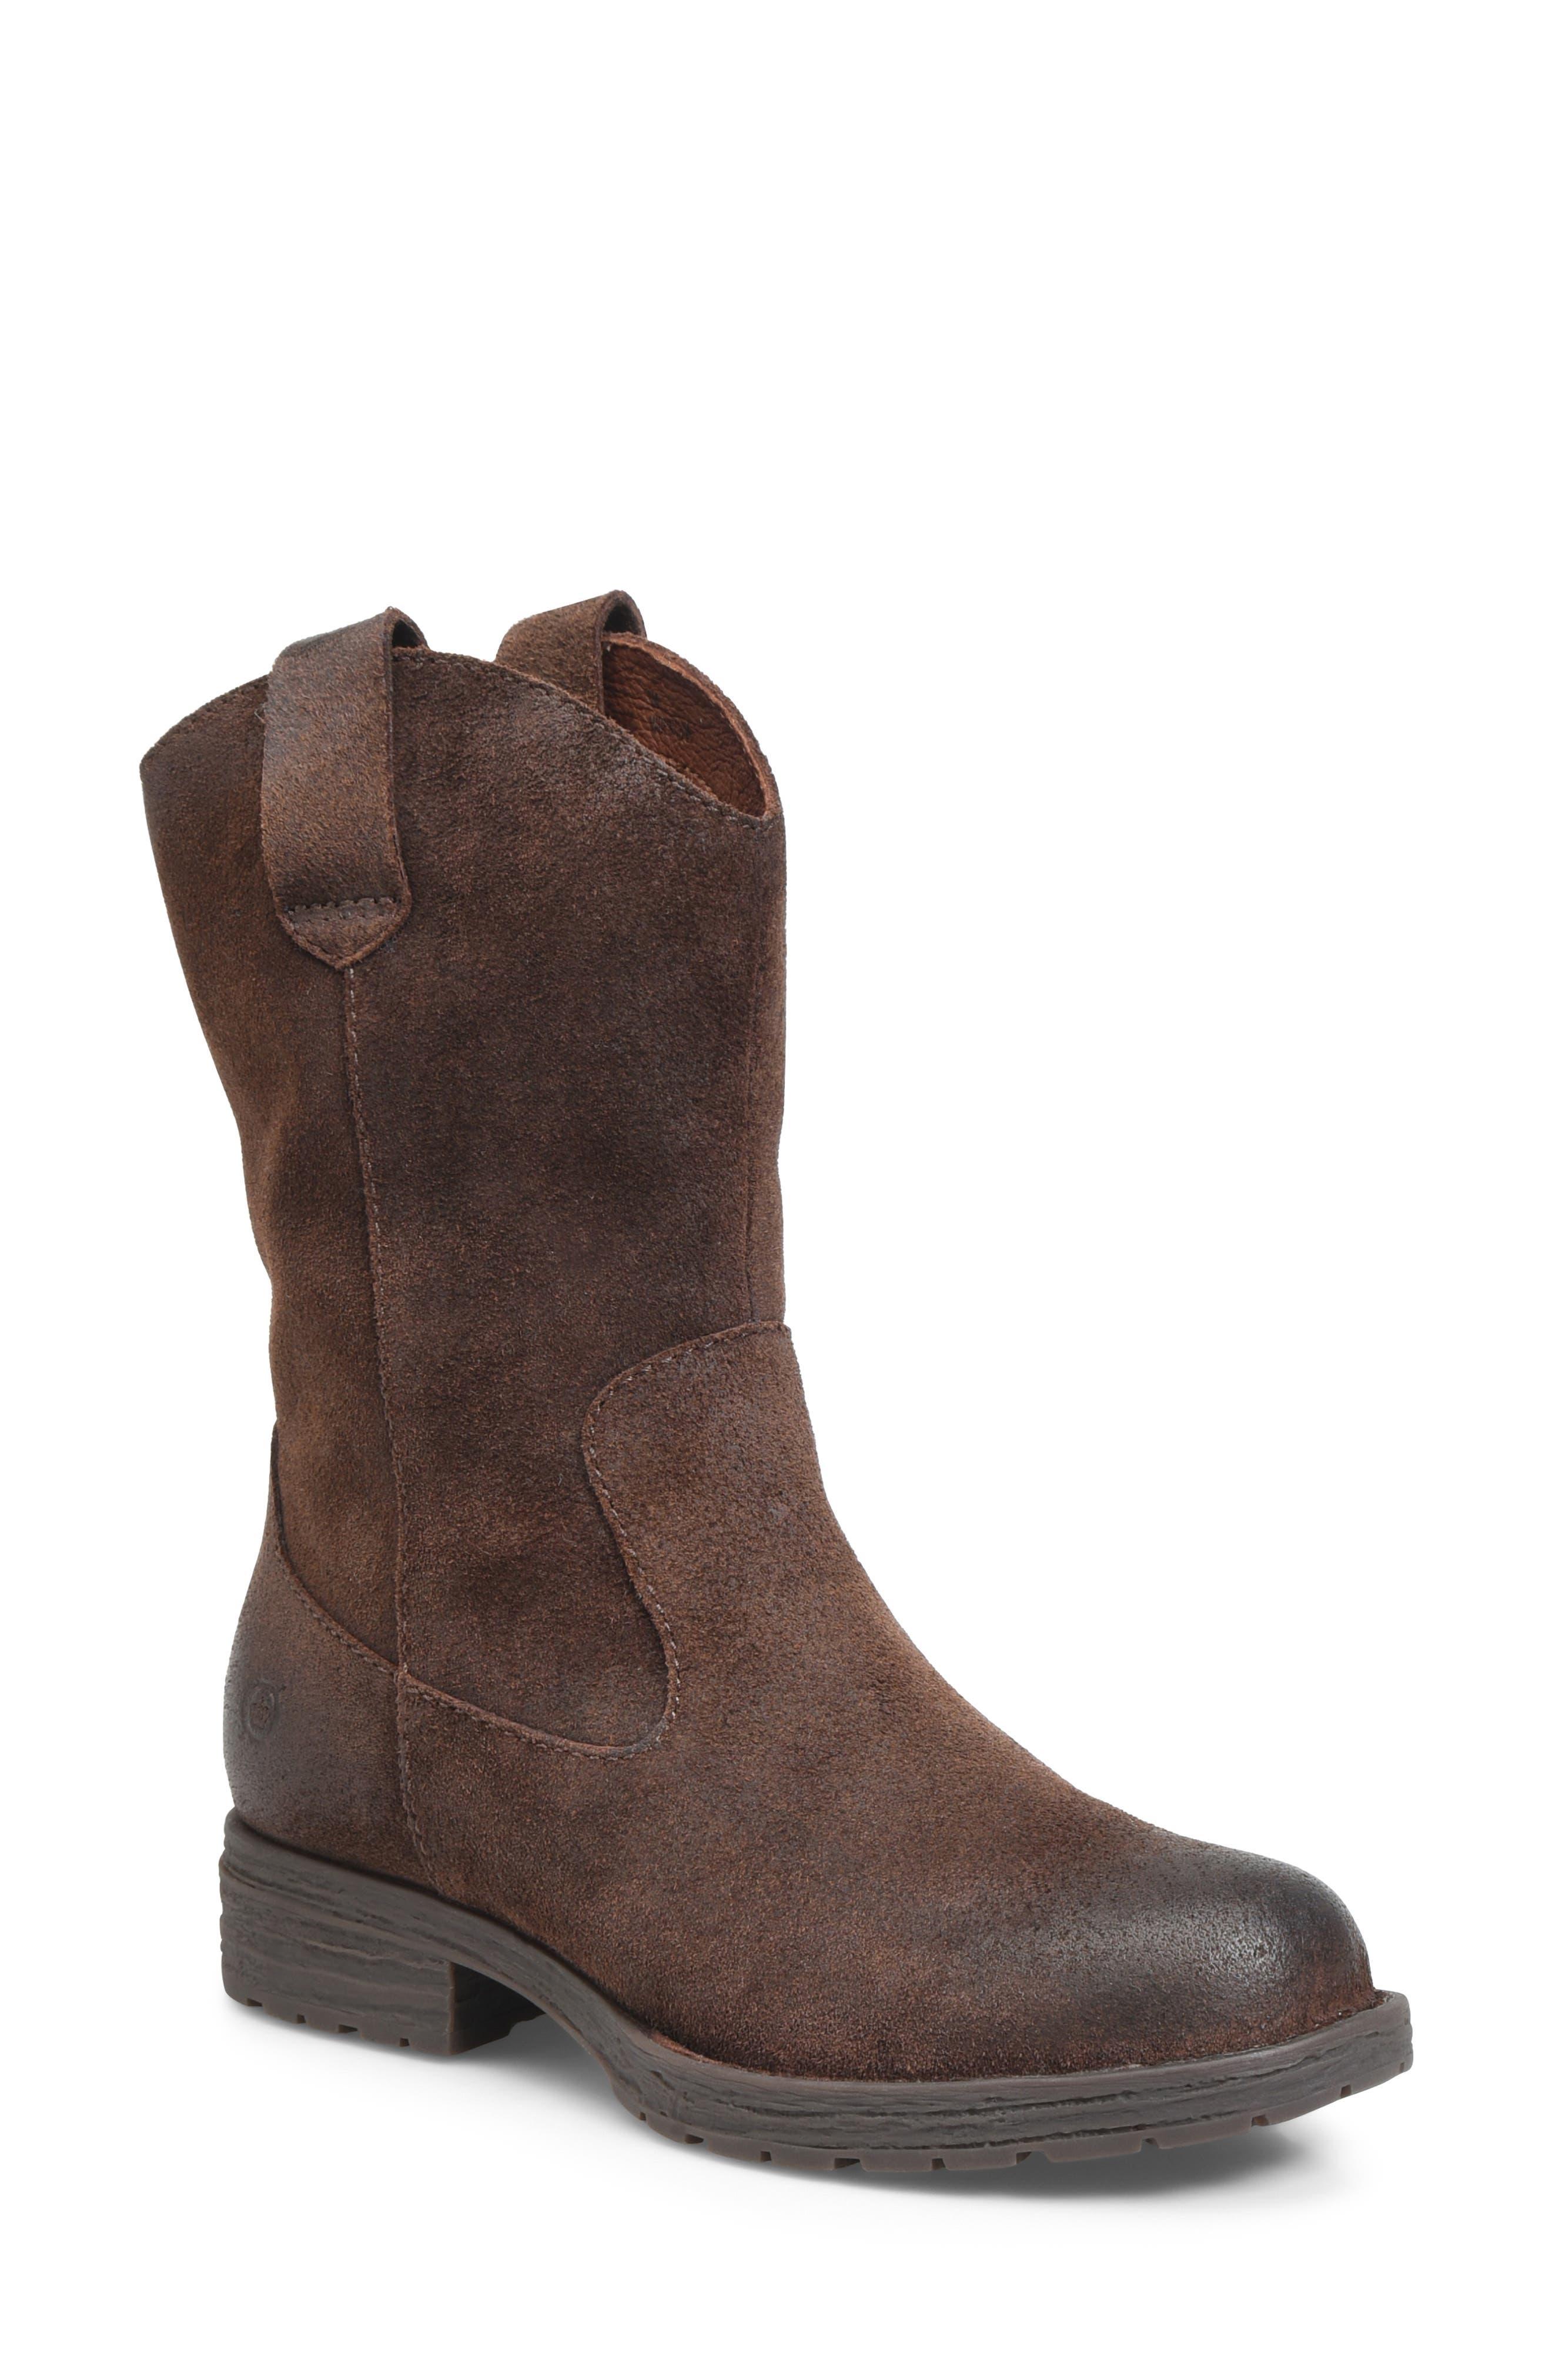 B?rn Basin Waterproof Western Boot, Brown